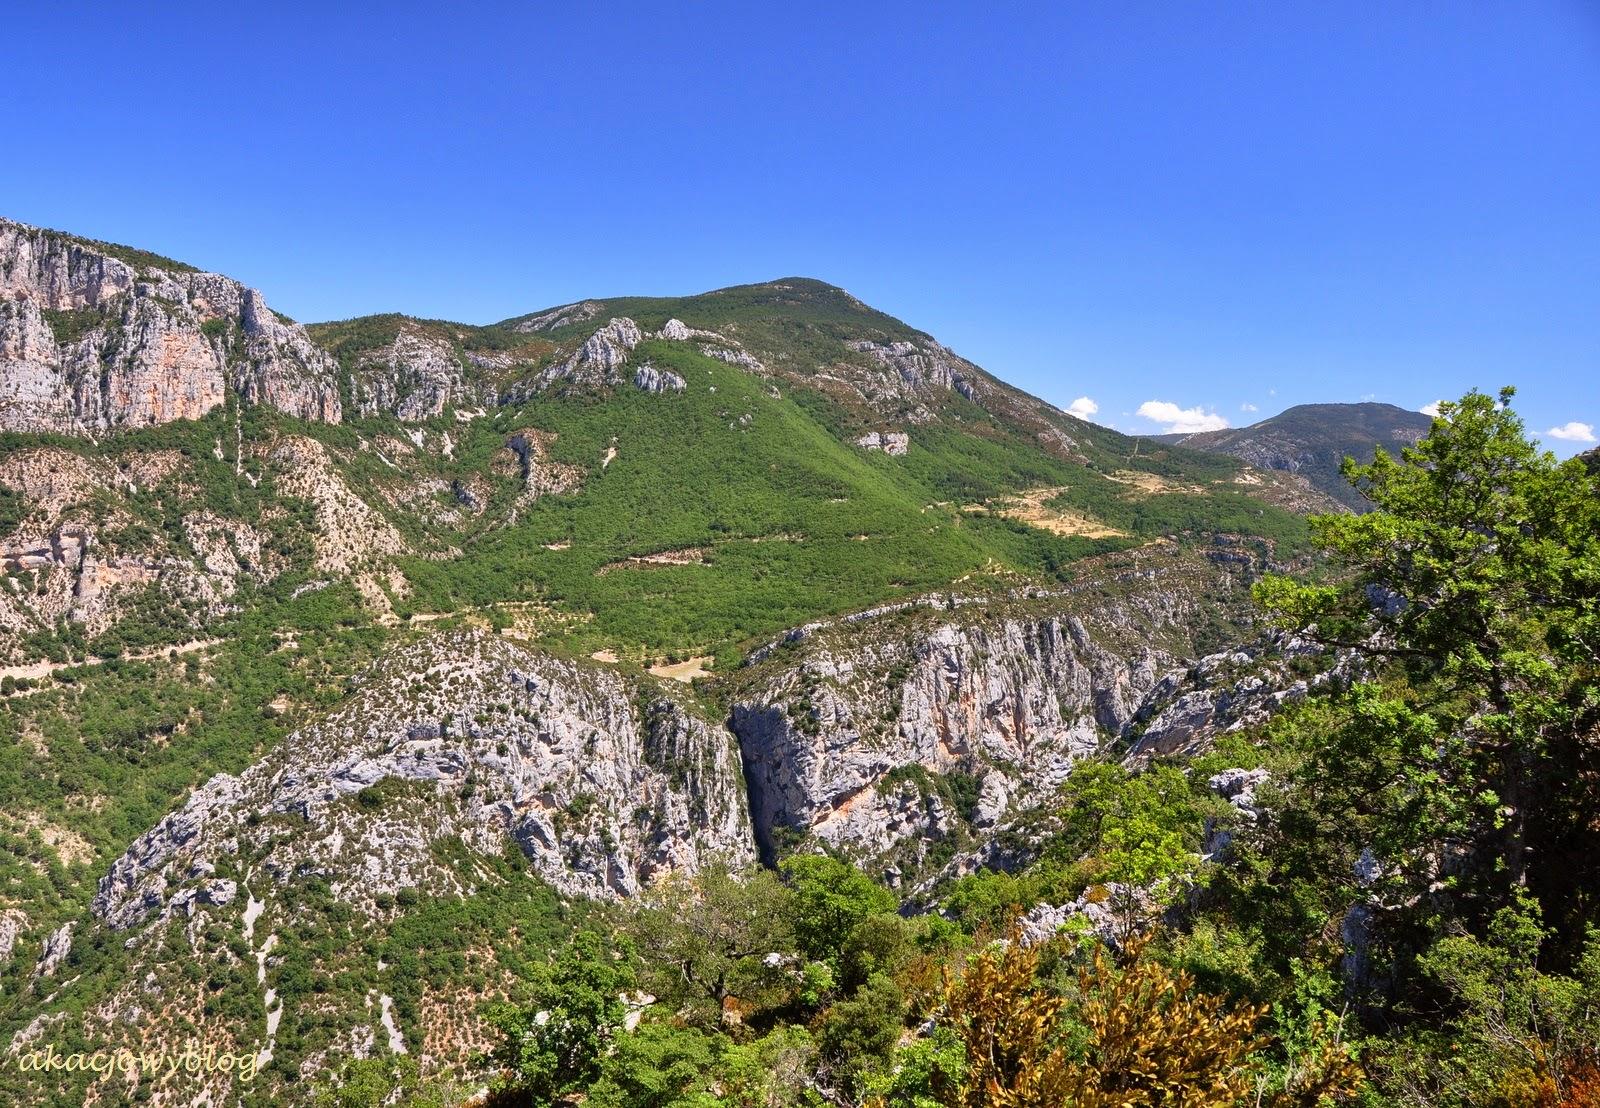 Kanion rzeki Verdon - największy i najpiękniejszy kanion w Europie.